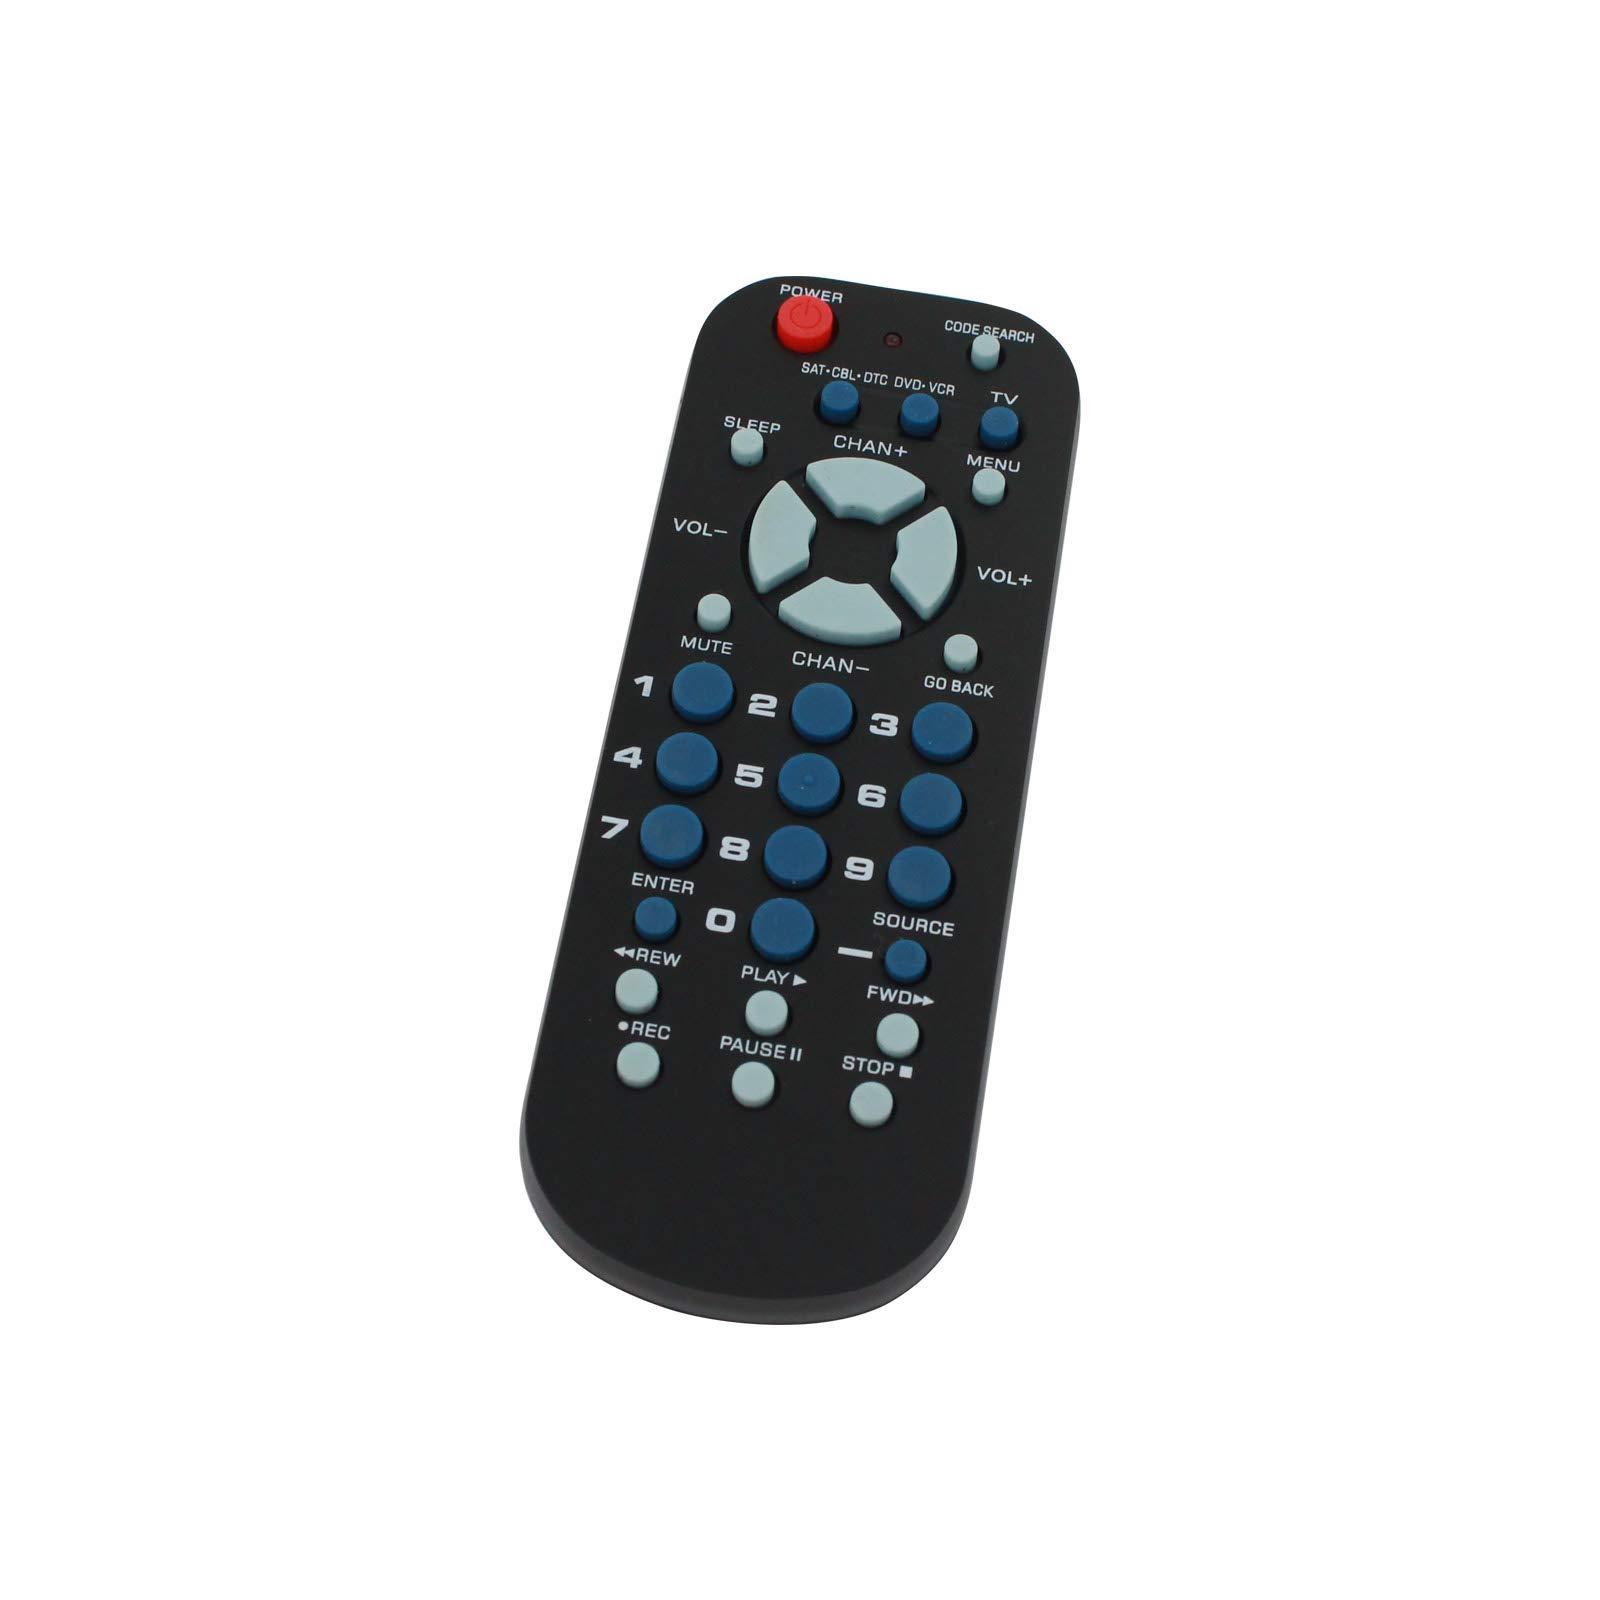 Repuesto para Mando a Distancia Universal de 3 Dispositivos RCA, Compatible con KLH TV, código Remoto 0765: Amazon.es: Electrónica